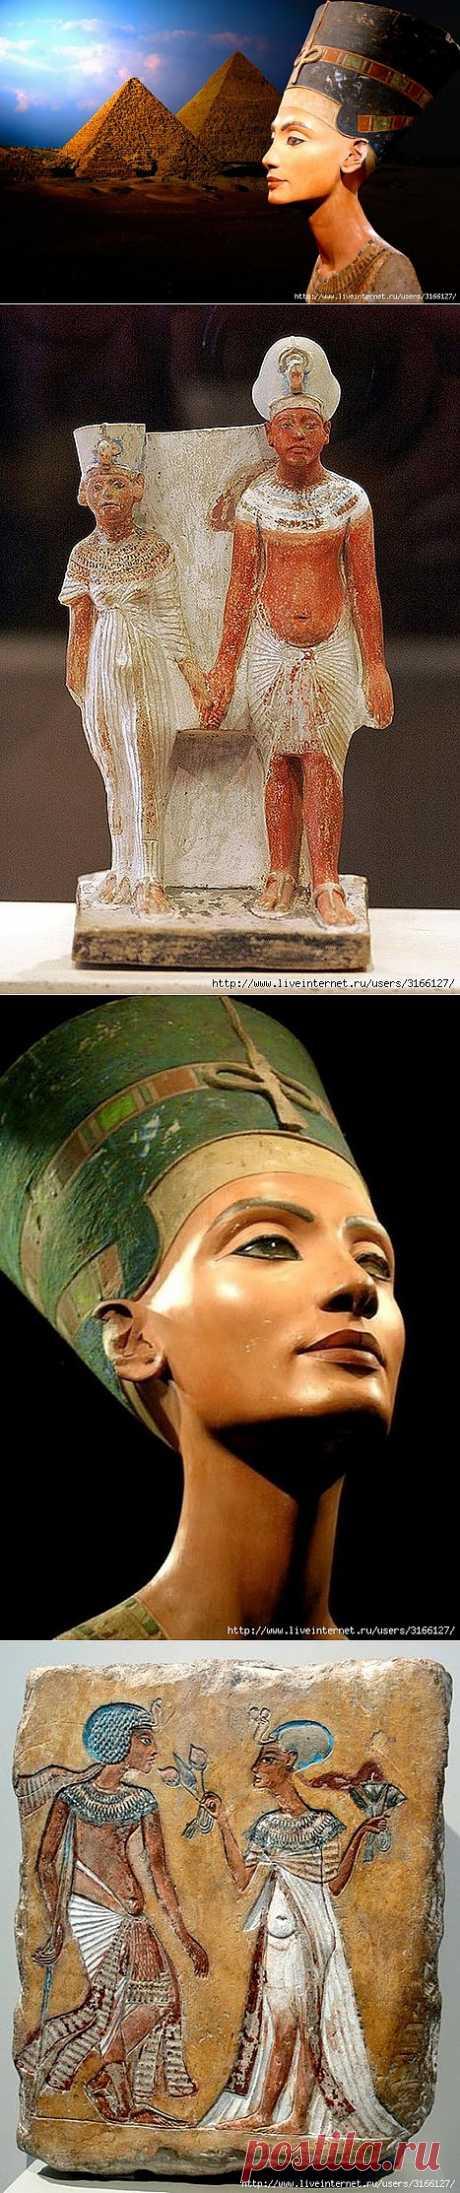 ♥ღ♥Загадки красавицы Нефертити♥ღ♥.